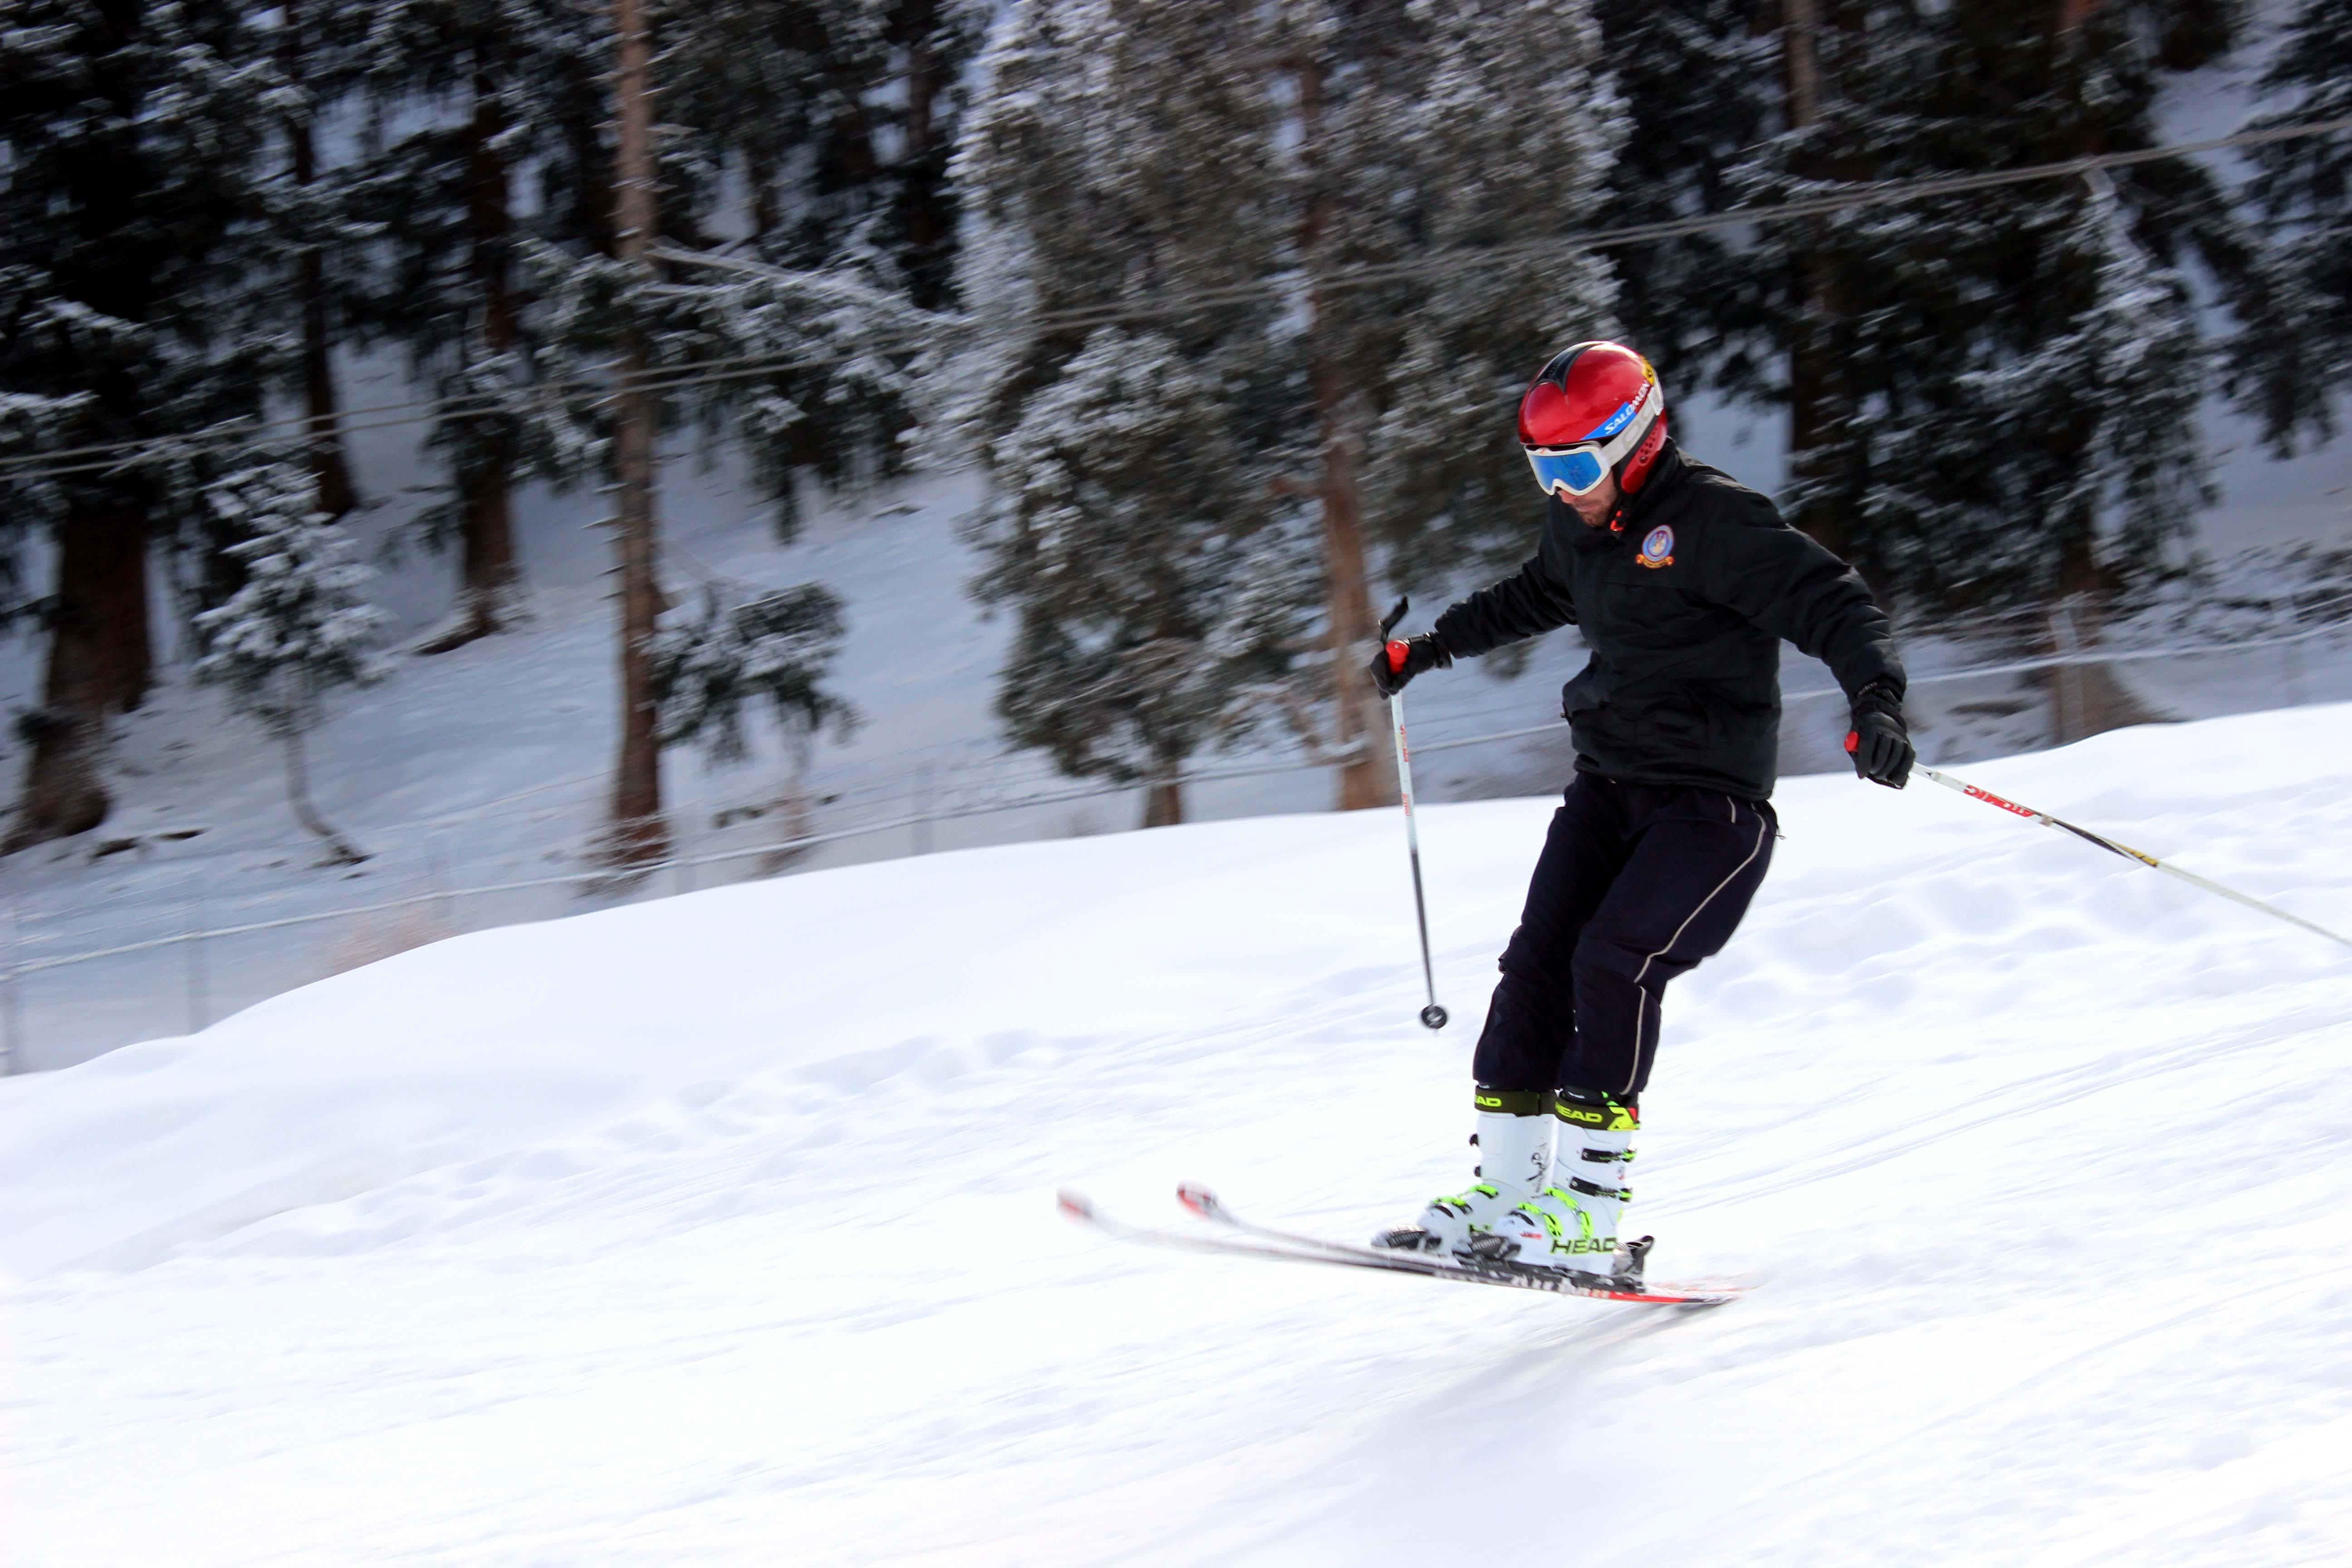 پرفضاء سیاحتی مقام نلتر میں نیشنل سکی چمپئین شپ کا آغاز، دس ٹیمیں شرکت کر رہی ہیں